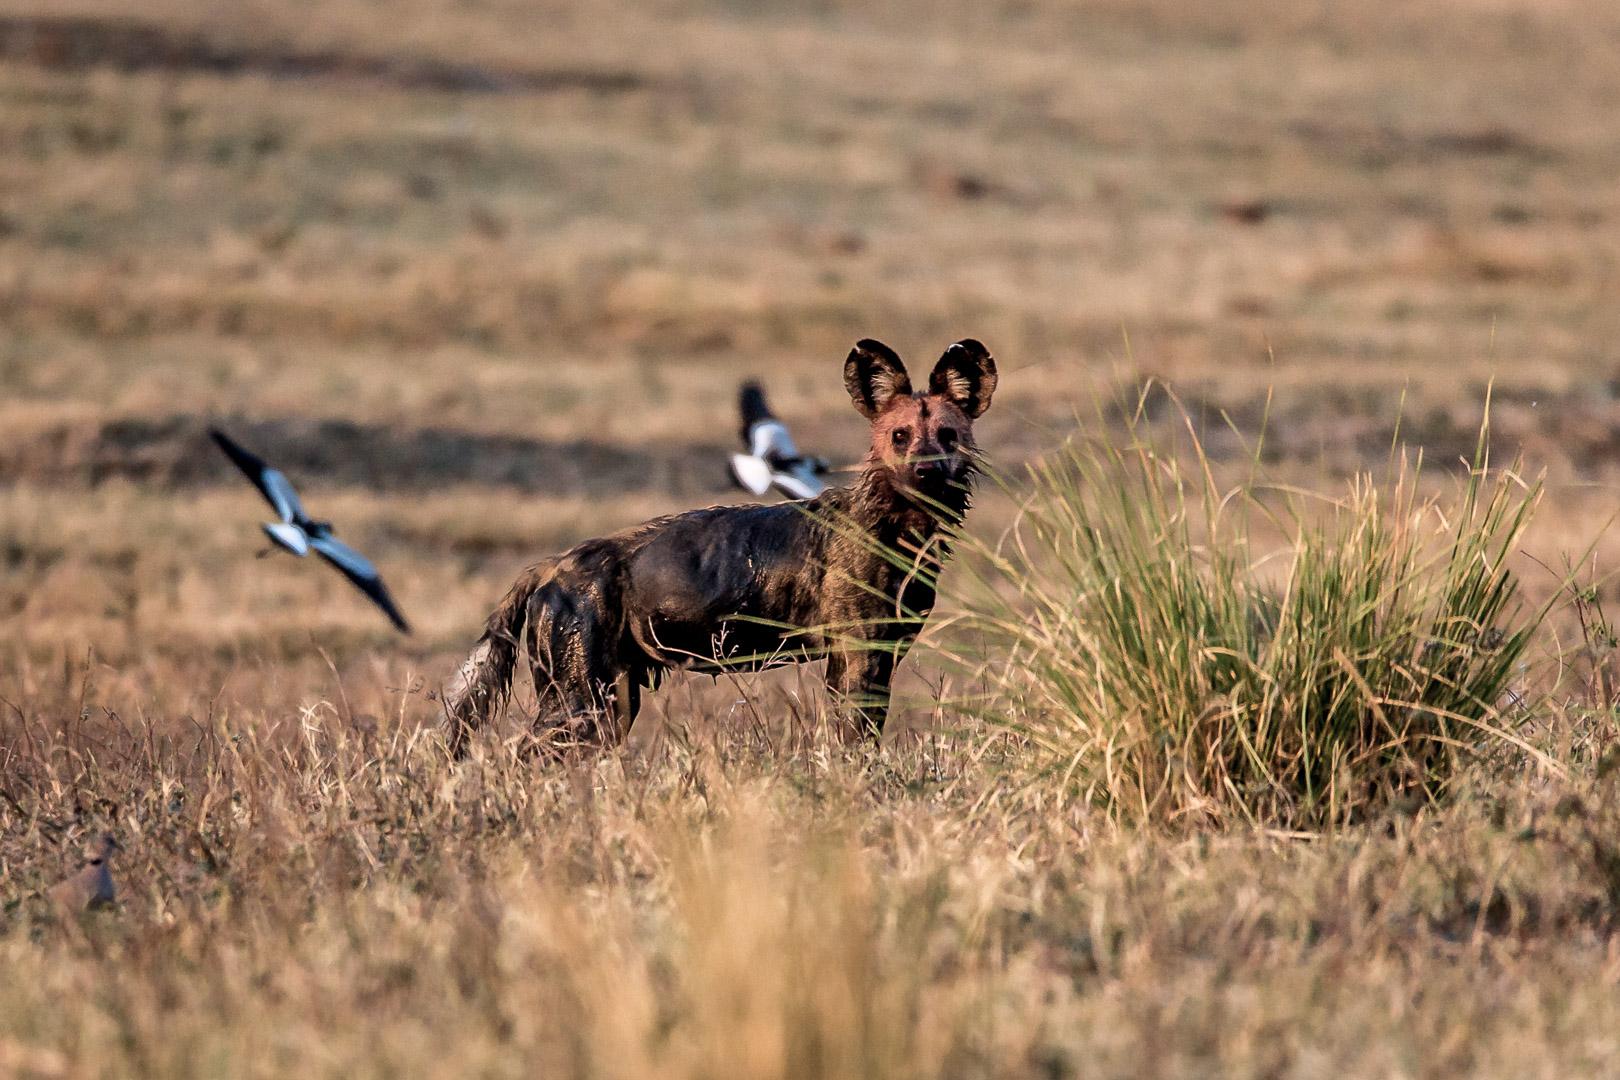 17./18.7. Chobe NP, Wild Dog